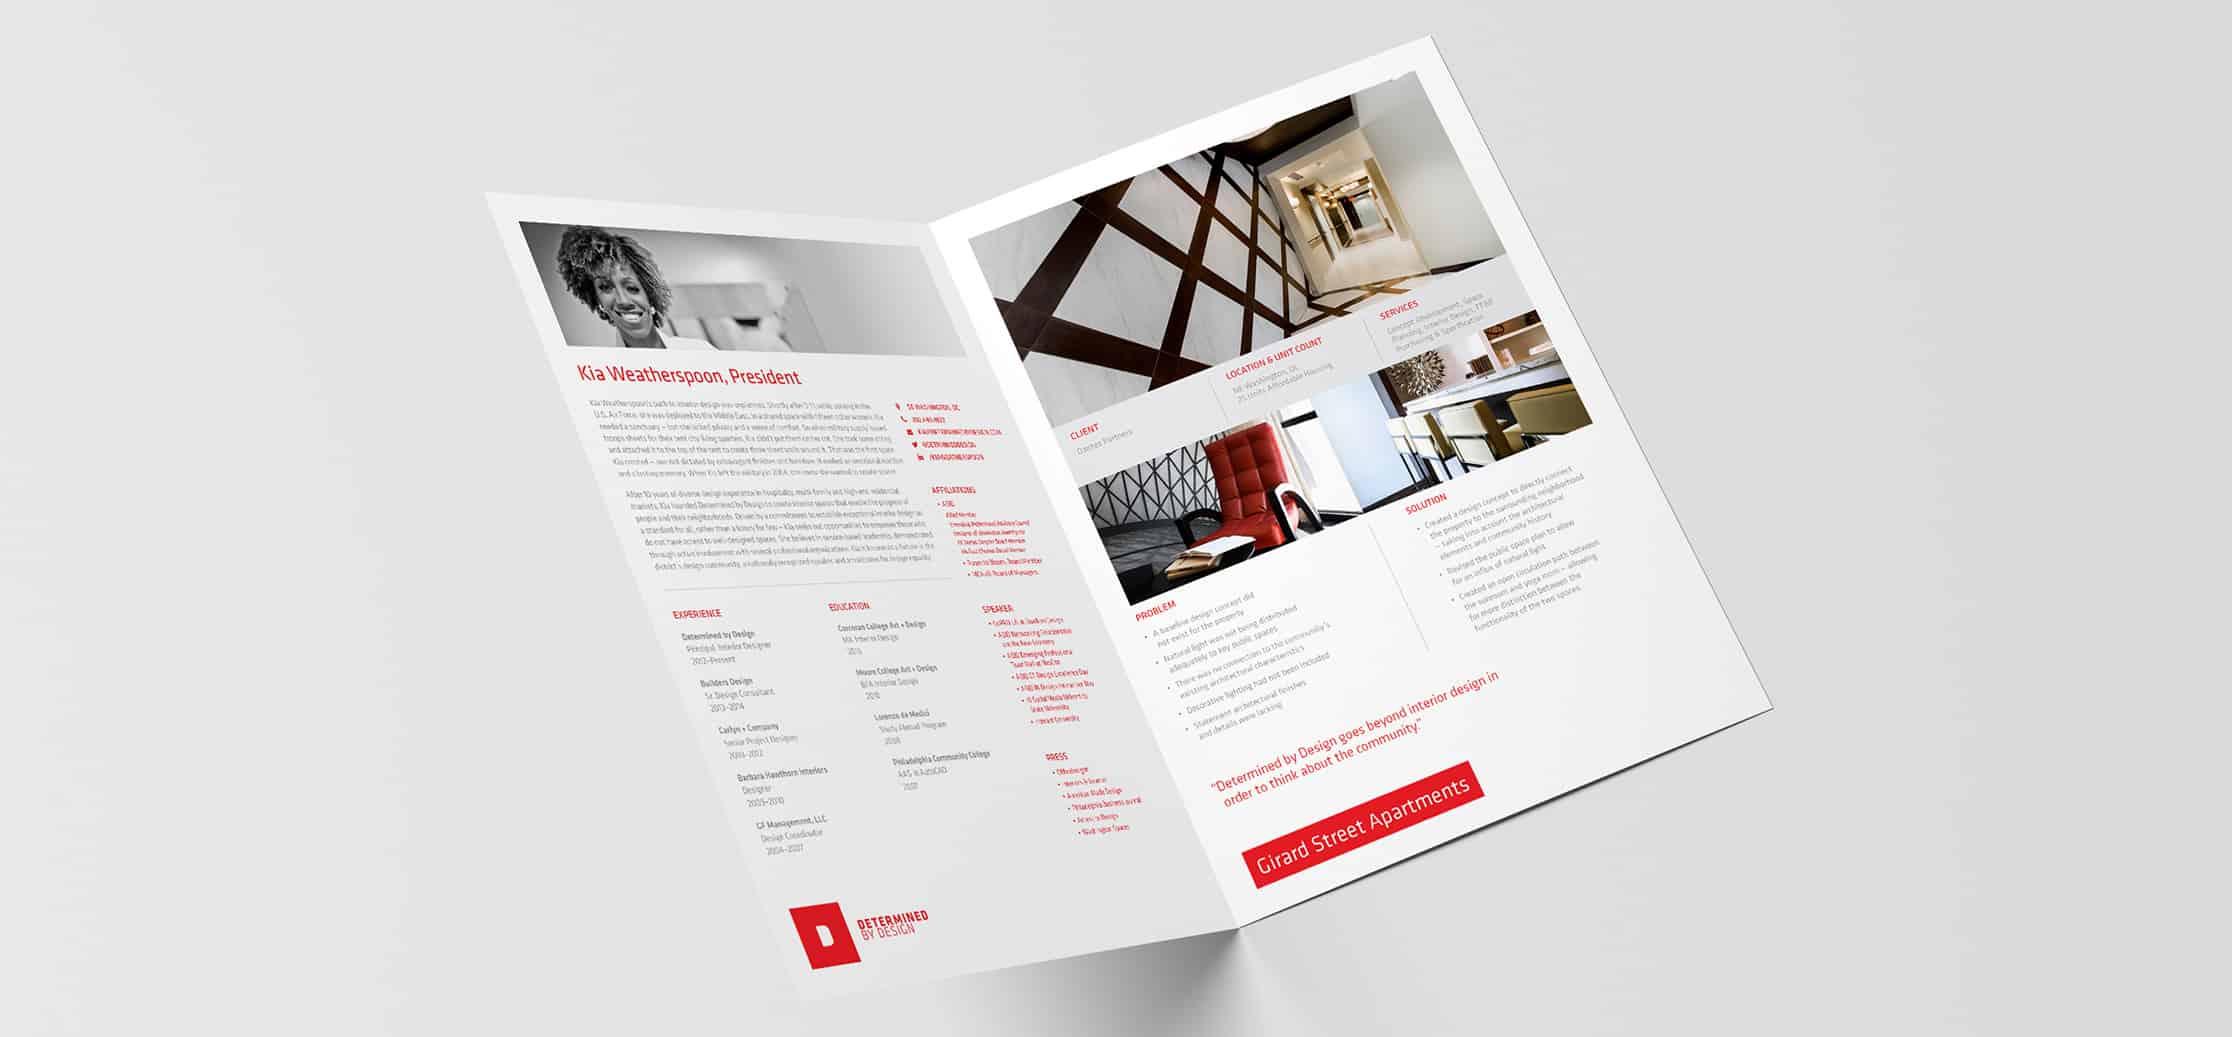 dbd-brochure-fullwidth